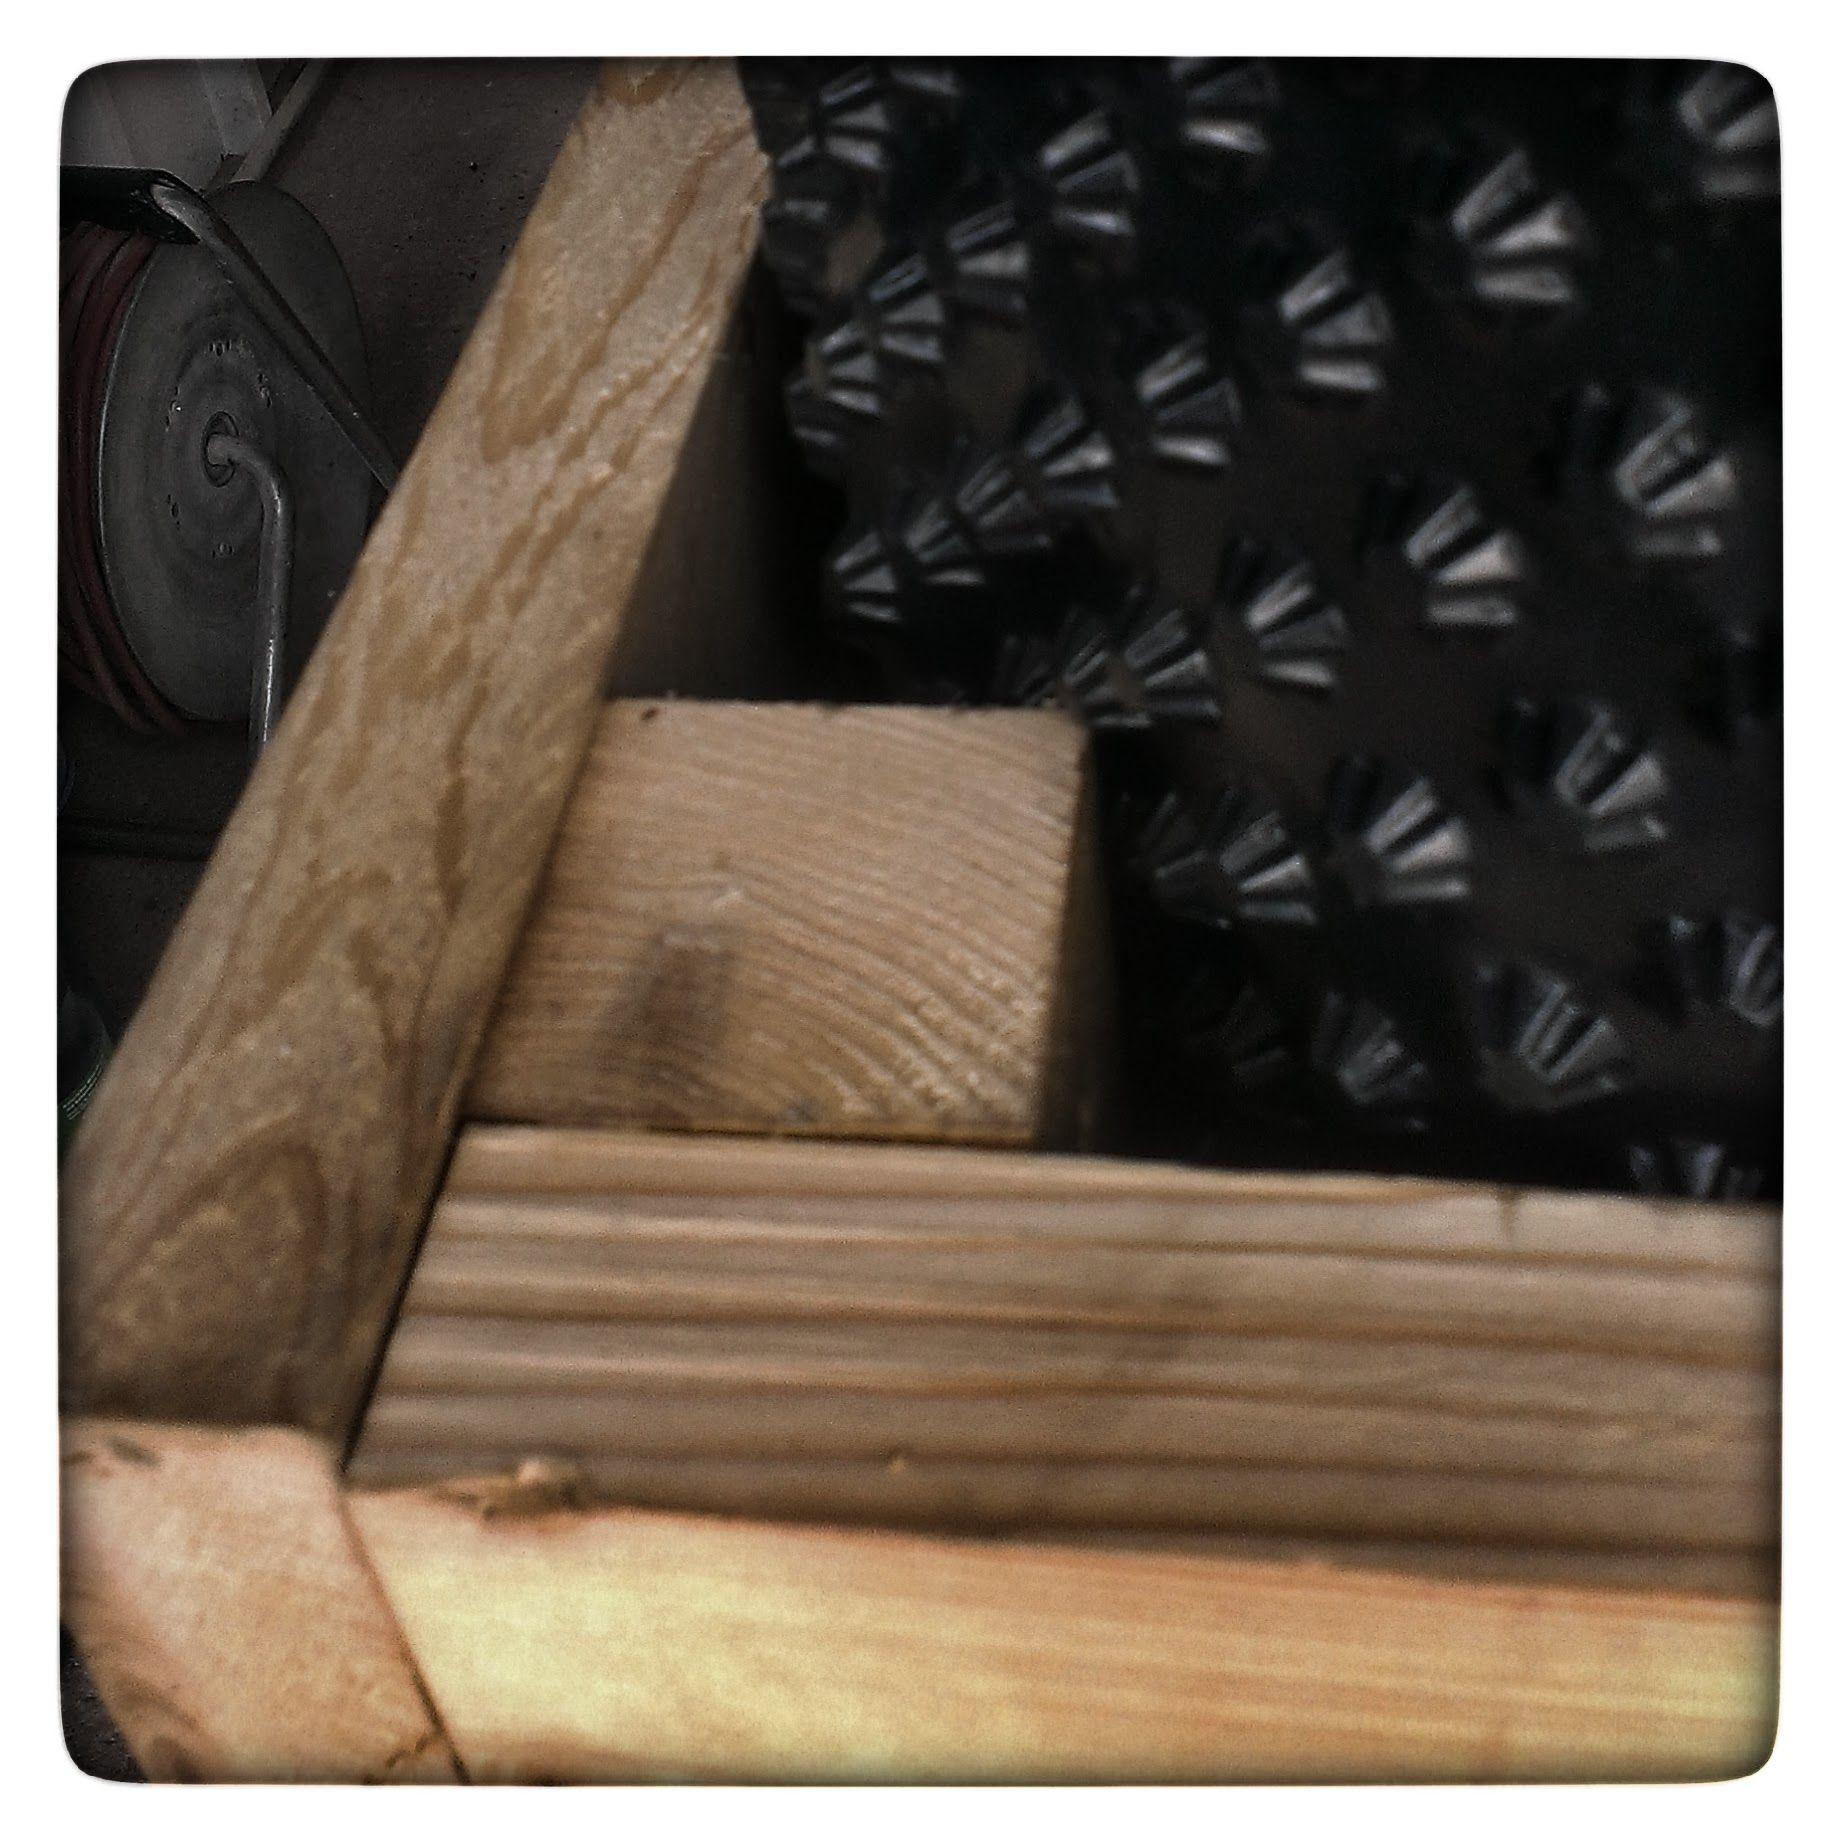 hochbeet selber bauen tips und tricks zu material aufbau. Black Bedroom Furniture Sets. Home Design Ideas